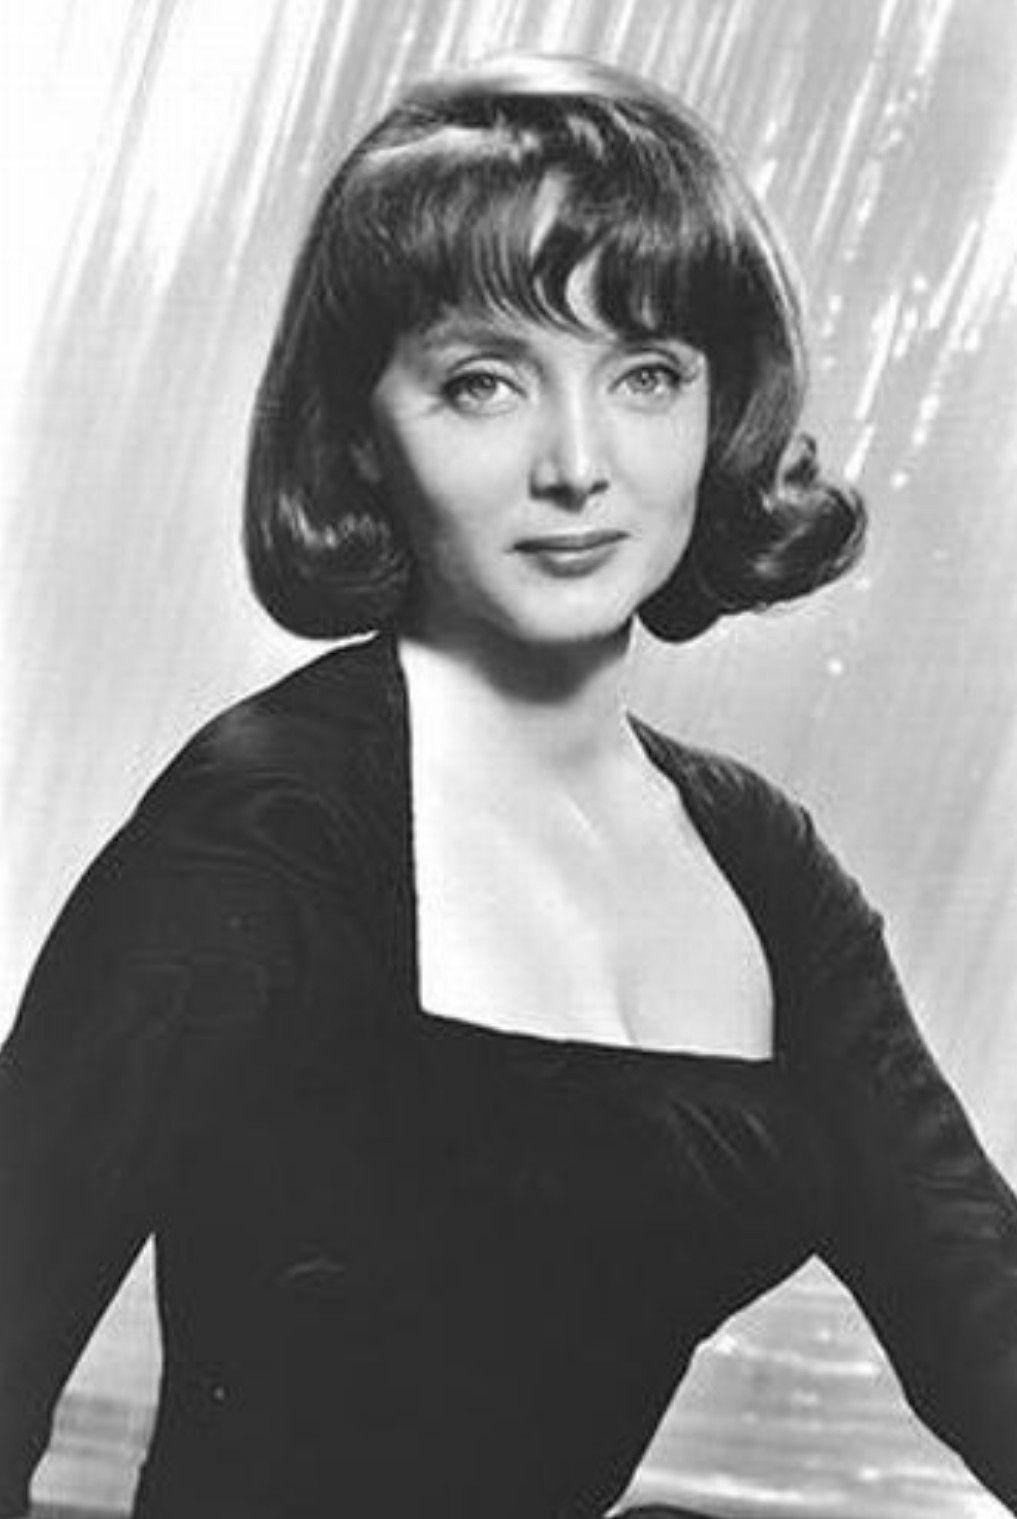 pictures Carolyn Jones (British actress)